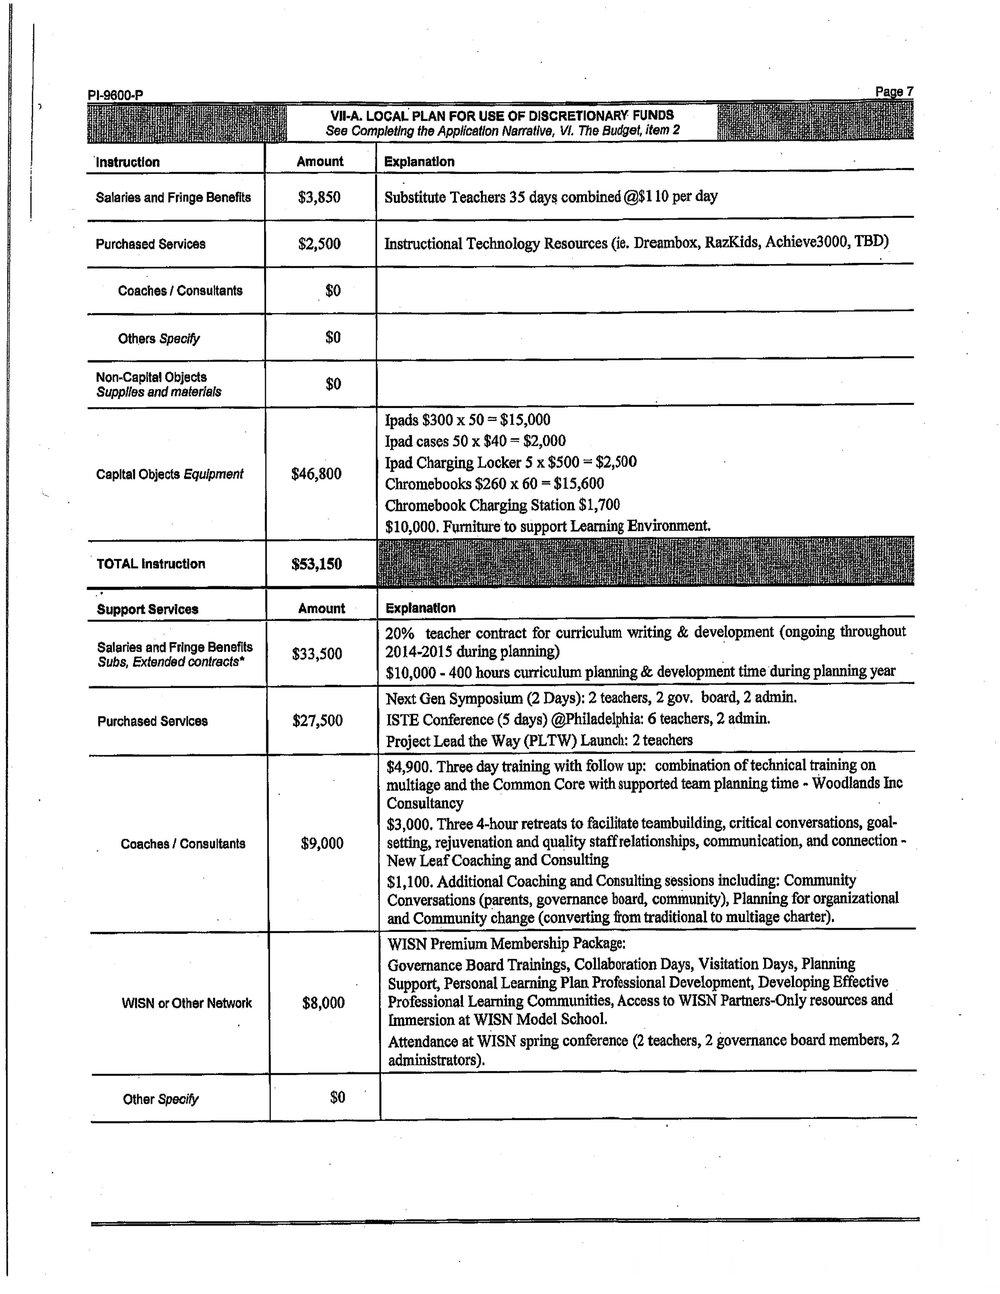 Planning Grant pg 7.jpg